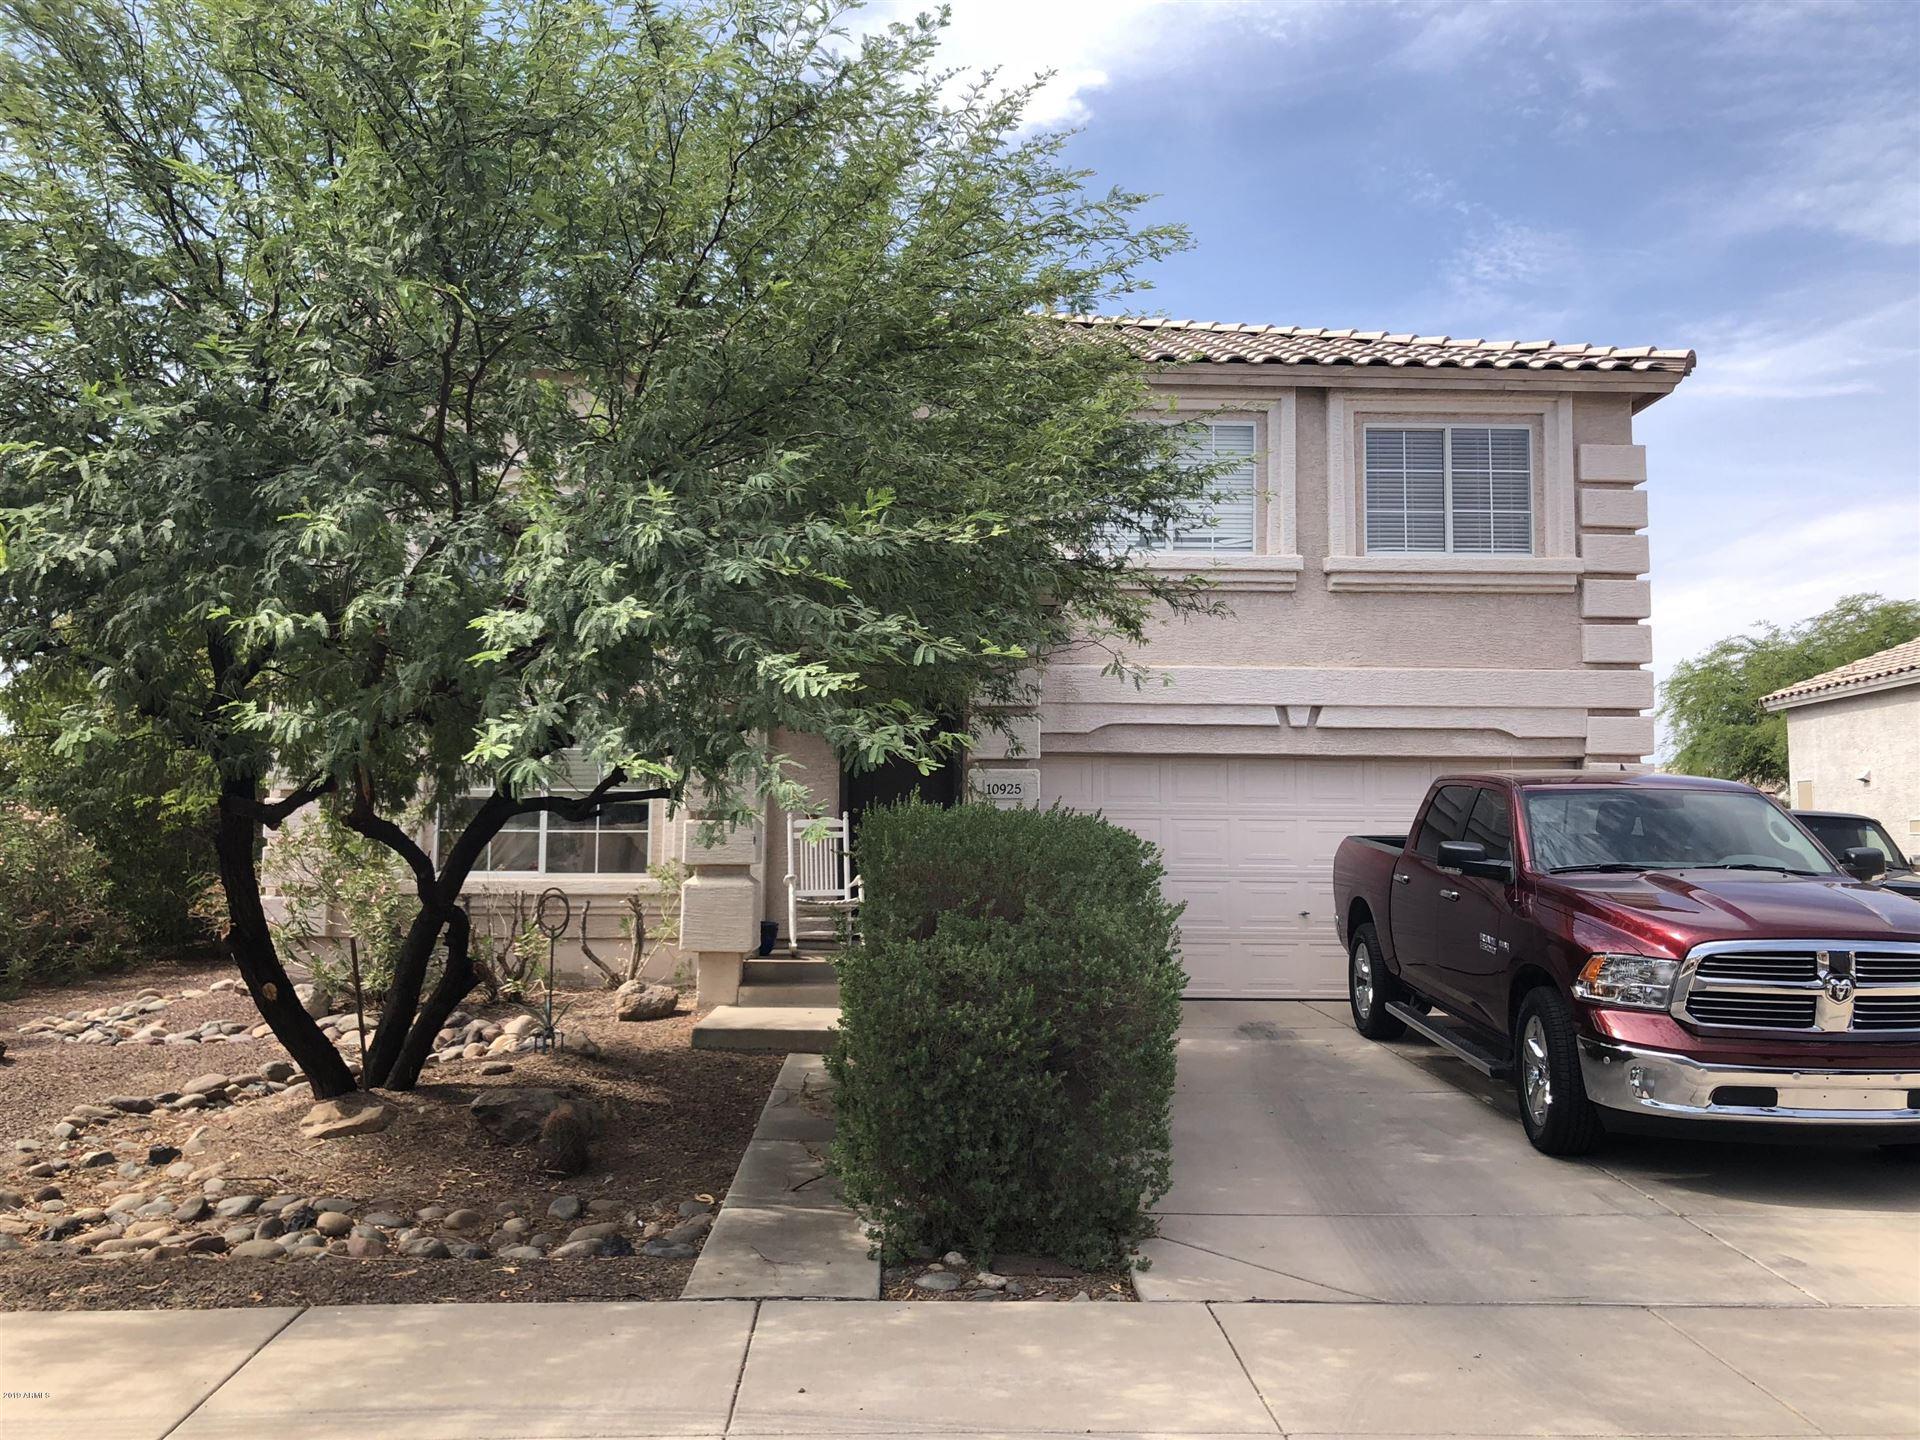 Photo of 10925 W KALER Drive, Glendale, AZ 85307 (MLS # 6307798)